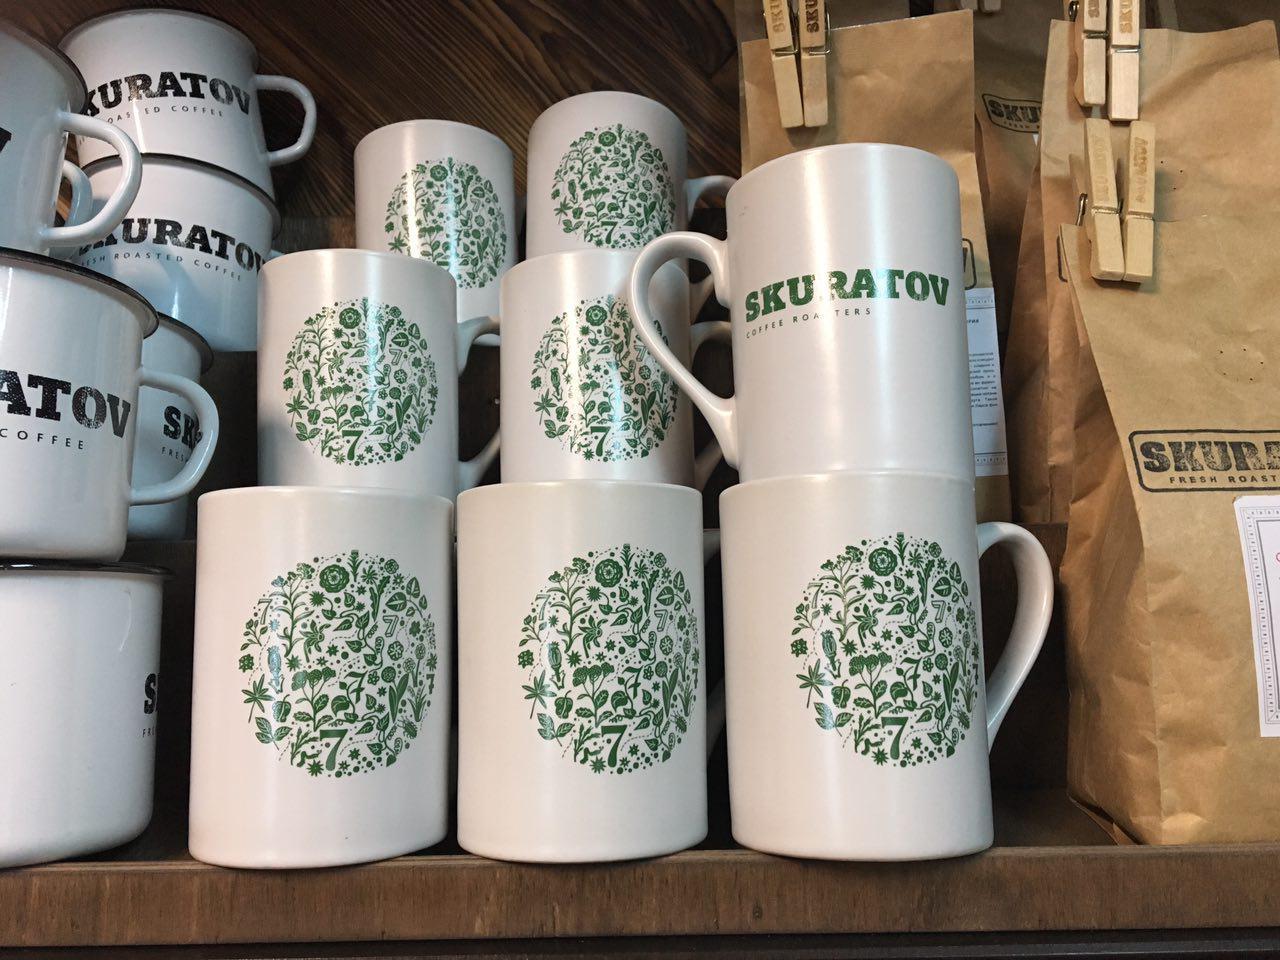 Скуратов должен почти миллион поставщику кофе